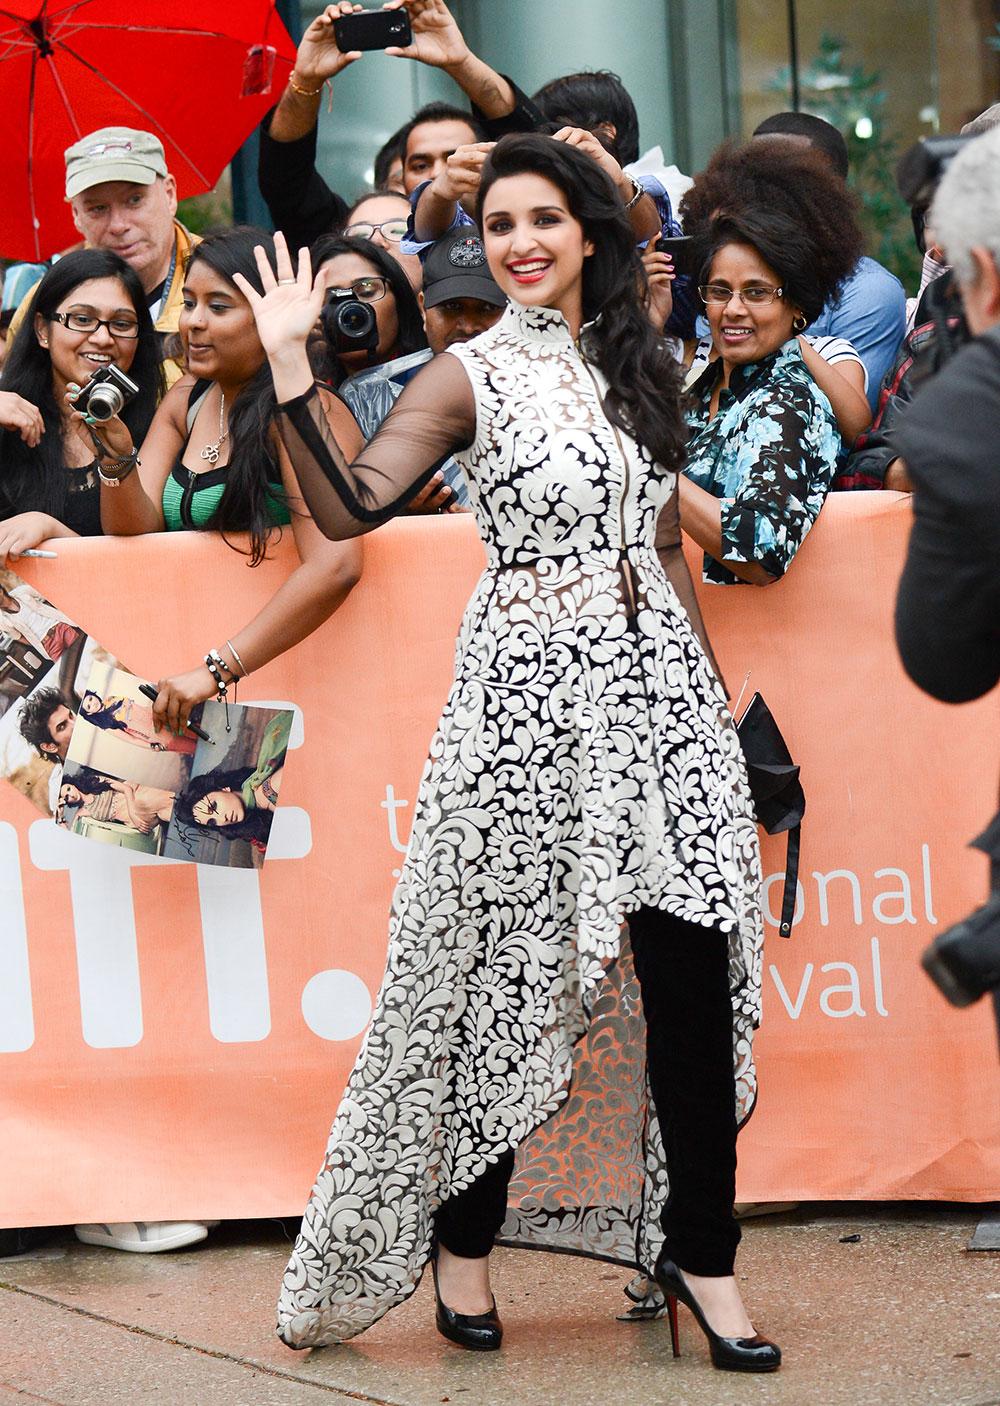 टोरंटो फिल्म फेस्टिवल 2013 के दौरान 'ए रेंडम देसी रोमांस' के प्रीमियर के मौके पर पहुंची भारतीय अभिनेत्री परिणीति चोपड़ा फैंस का हाथ हिलाकर अभिवादन करते हुए।